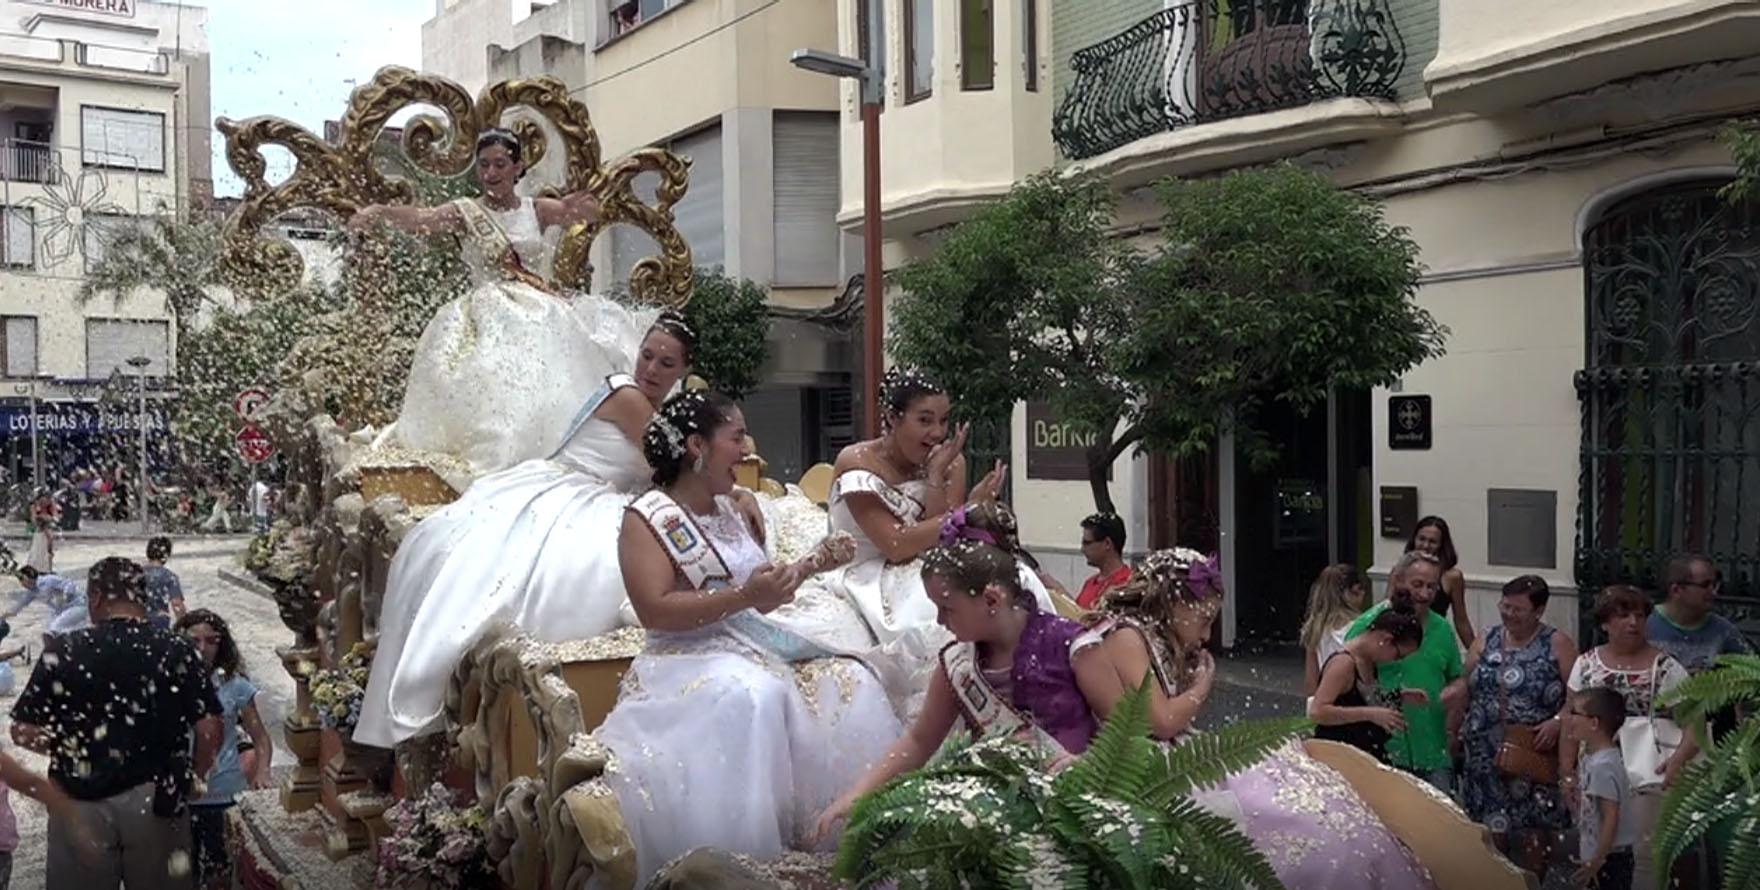 Benicarló, els carres de la ciutat es van inundar de confeti amb la desfilada de les carrosses